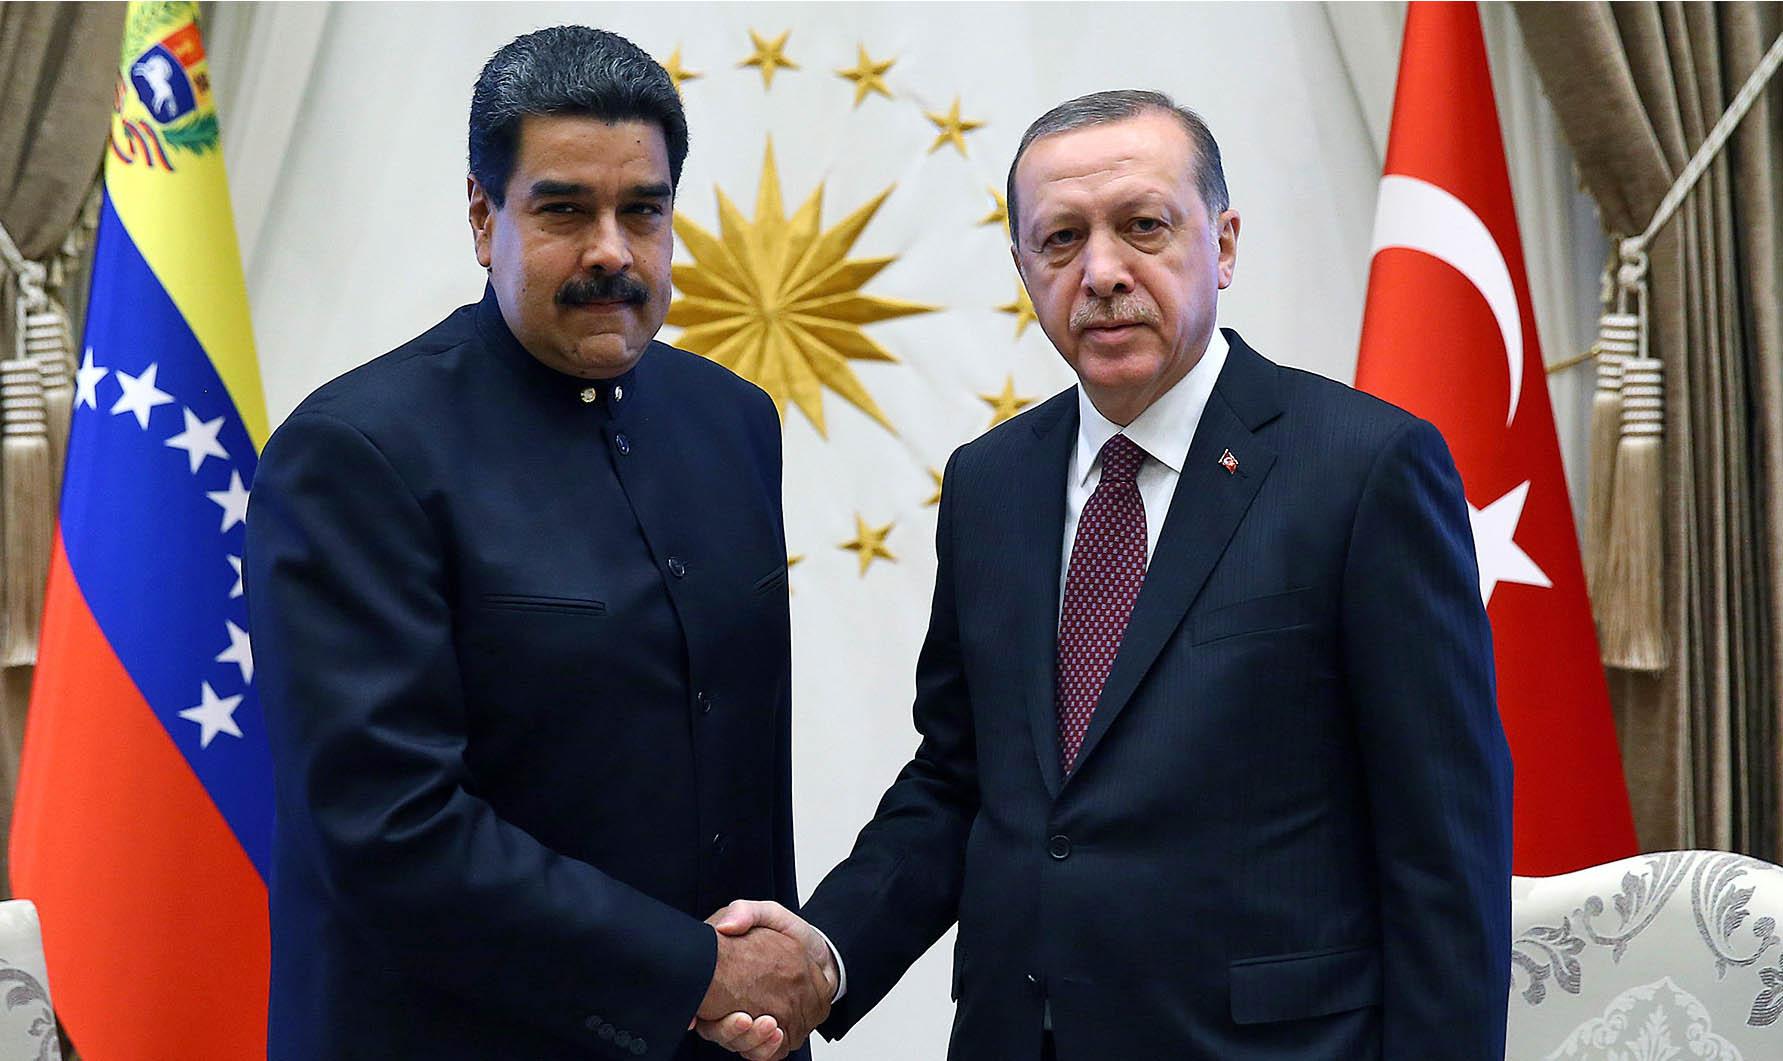 El Sumario - Recep Tayyip Erdogan fue recibido en el Aeropuerto Internacional Simón Bolívar por Delcy Rodríguez y Tareck El Aissami